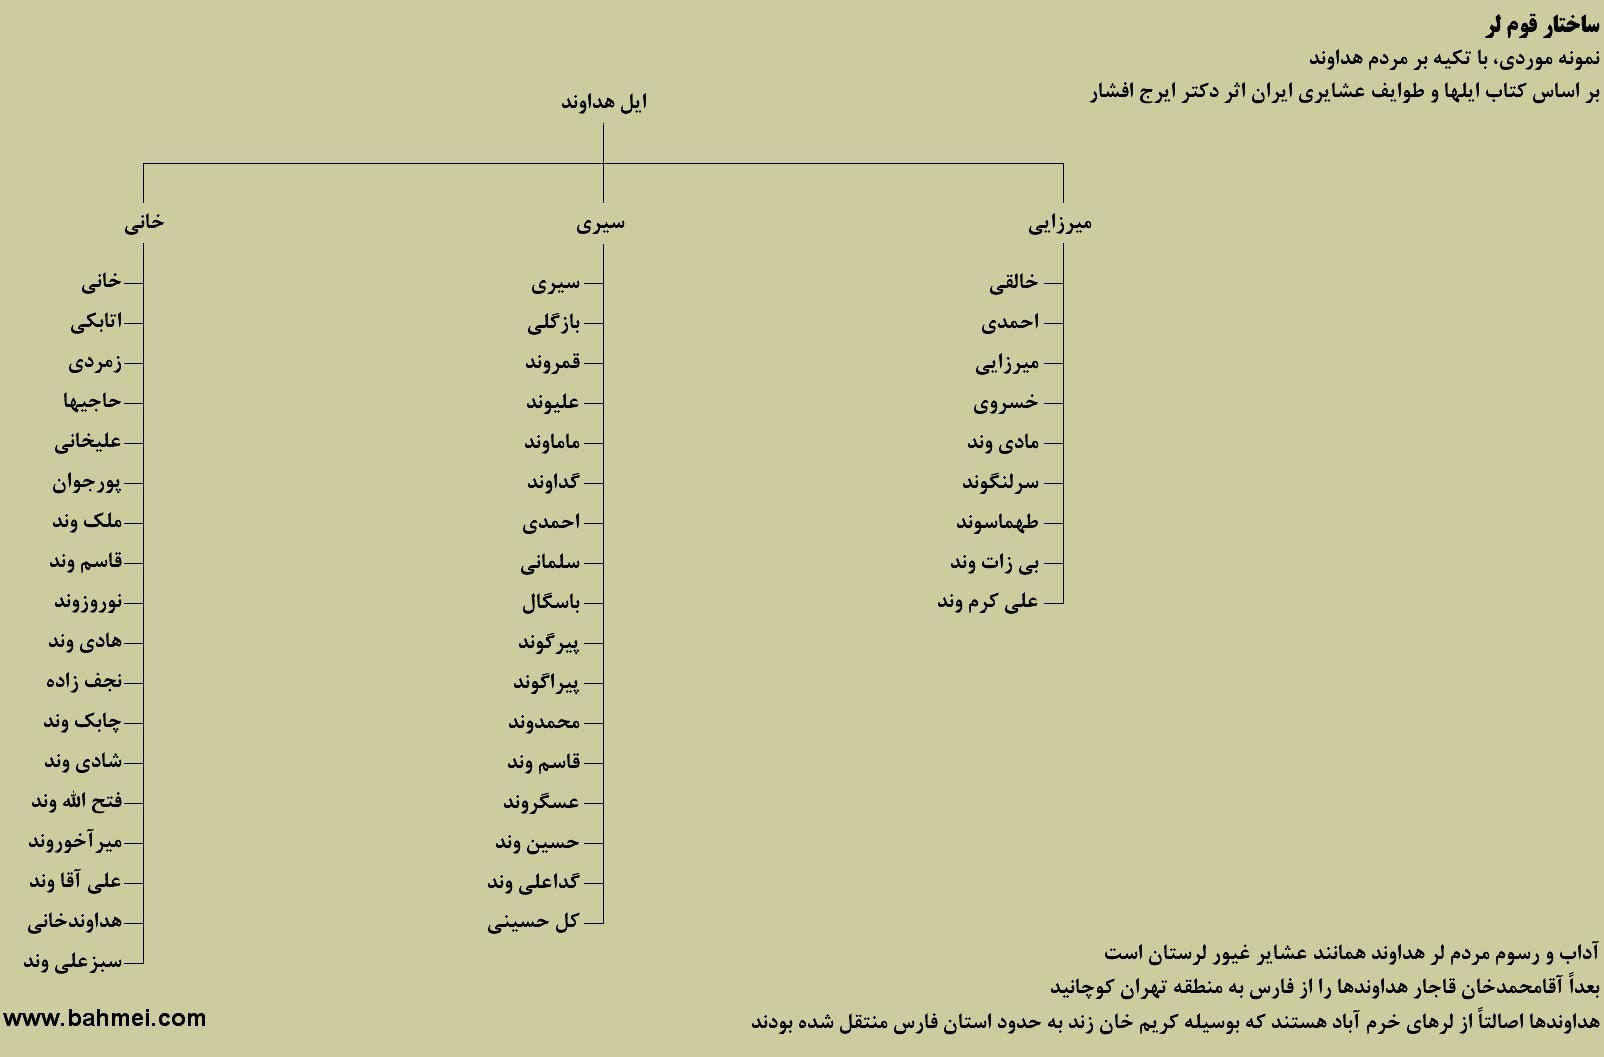 ساختار قوم لر؛ نمودار درختی ایل هداوند